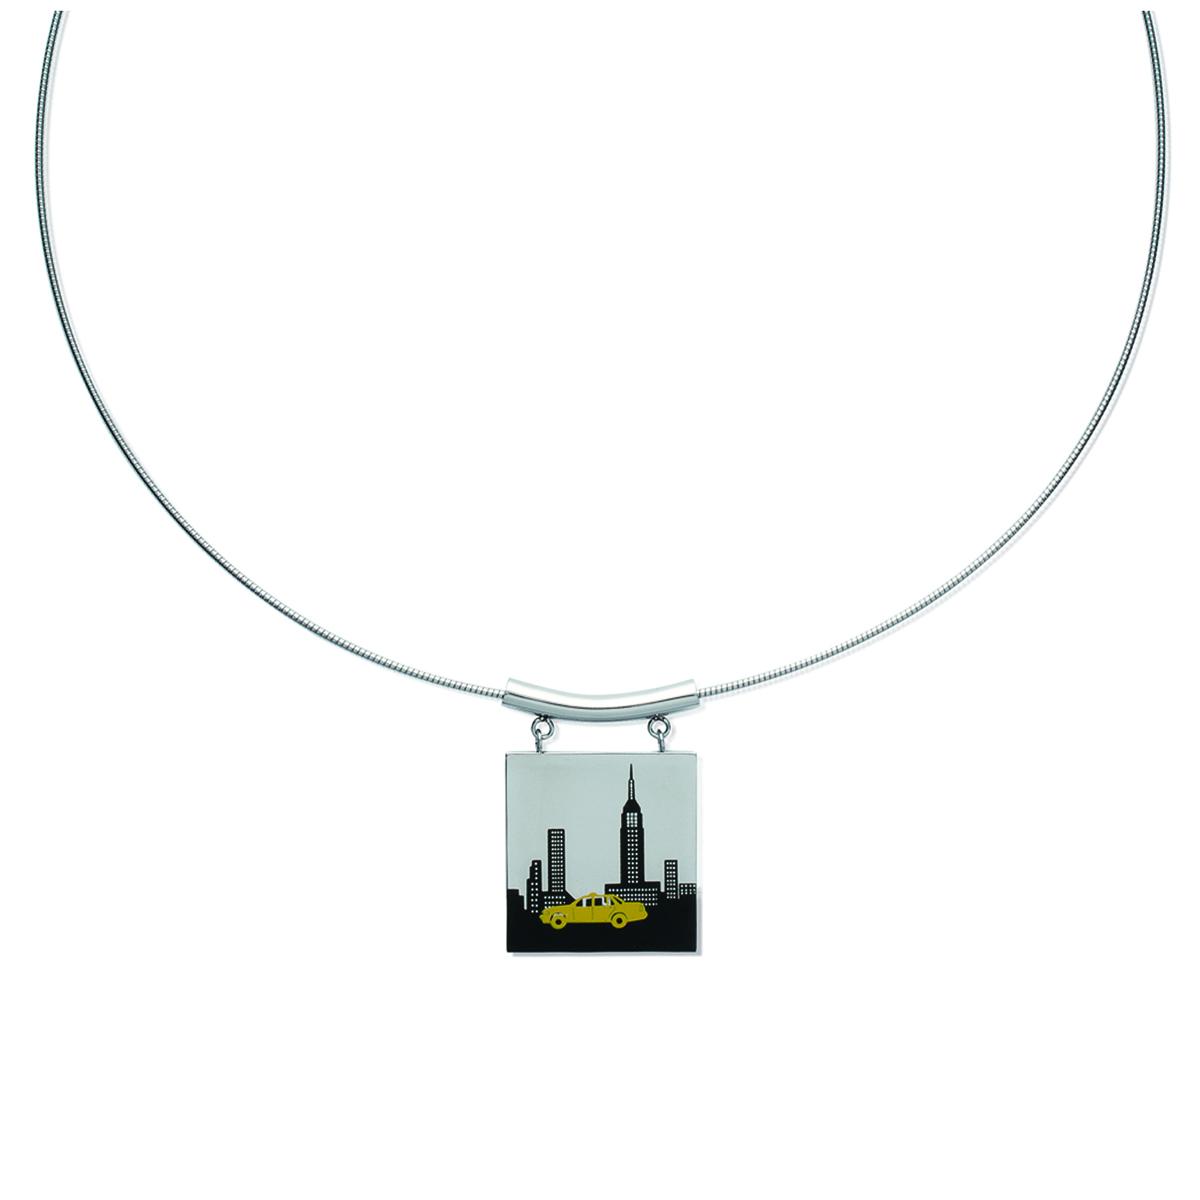 Collier acier \'New York\' noir jaune argenté - 45 cm 25x25 mm - [K2416]